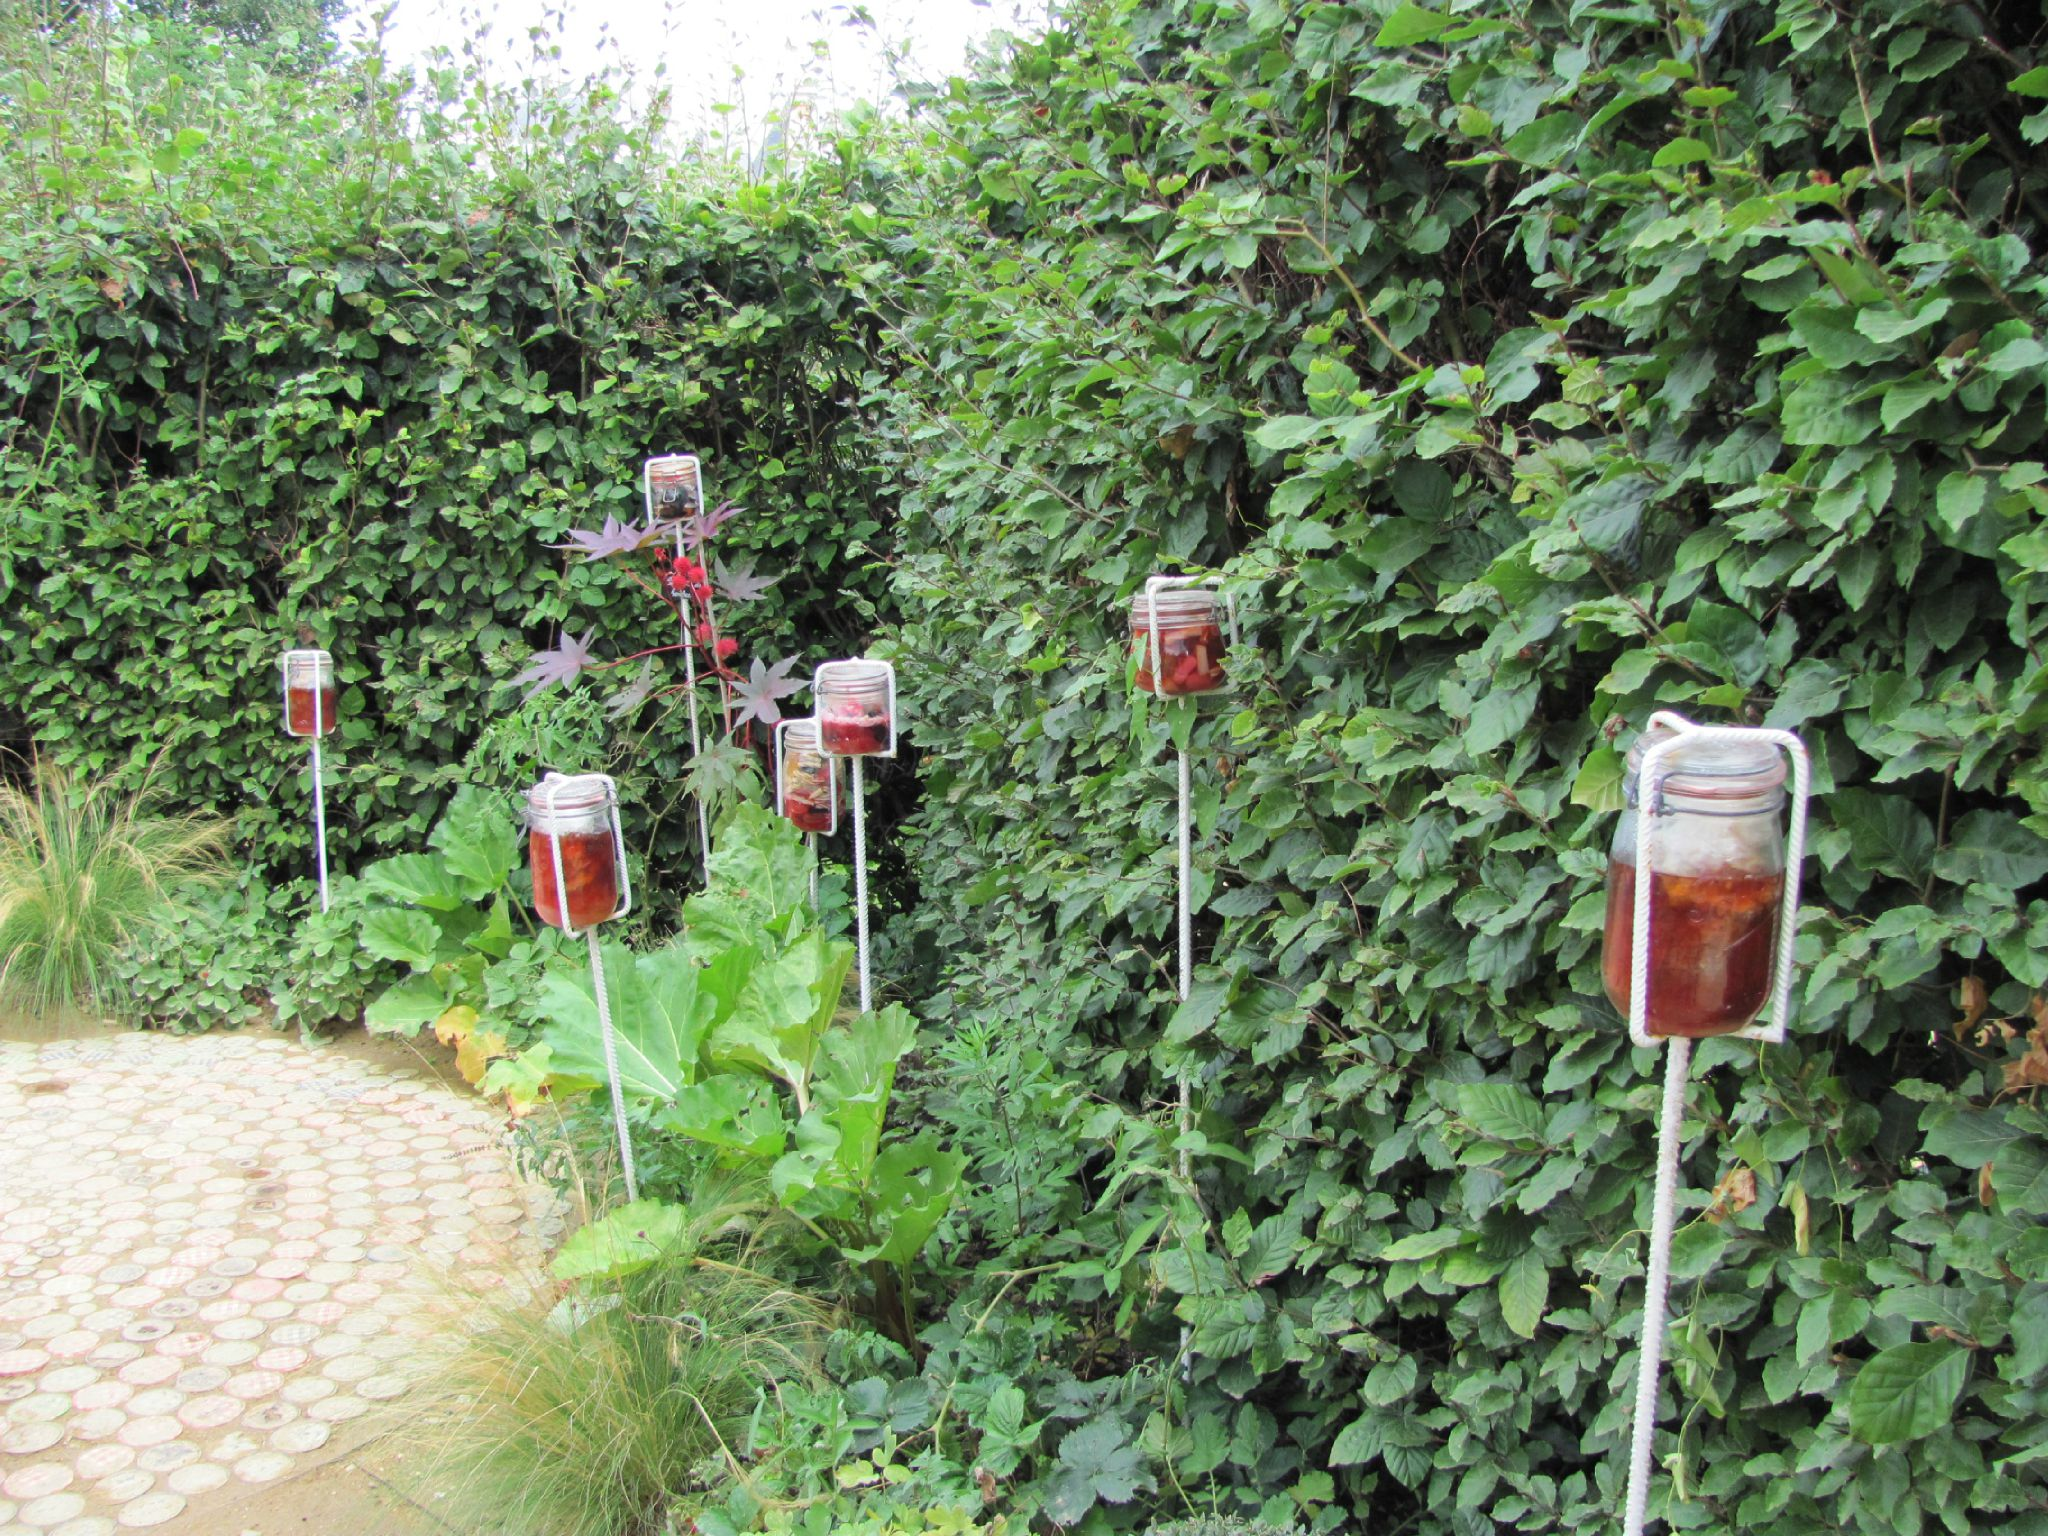 Festival des jardins chaumont sur loire episode 6 mots - Jardins chaumont sur loire ...